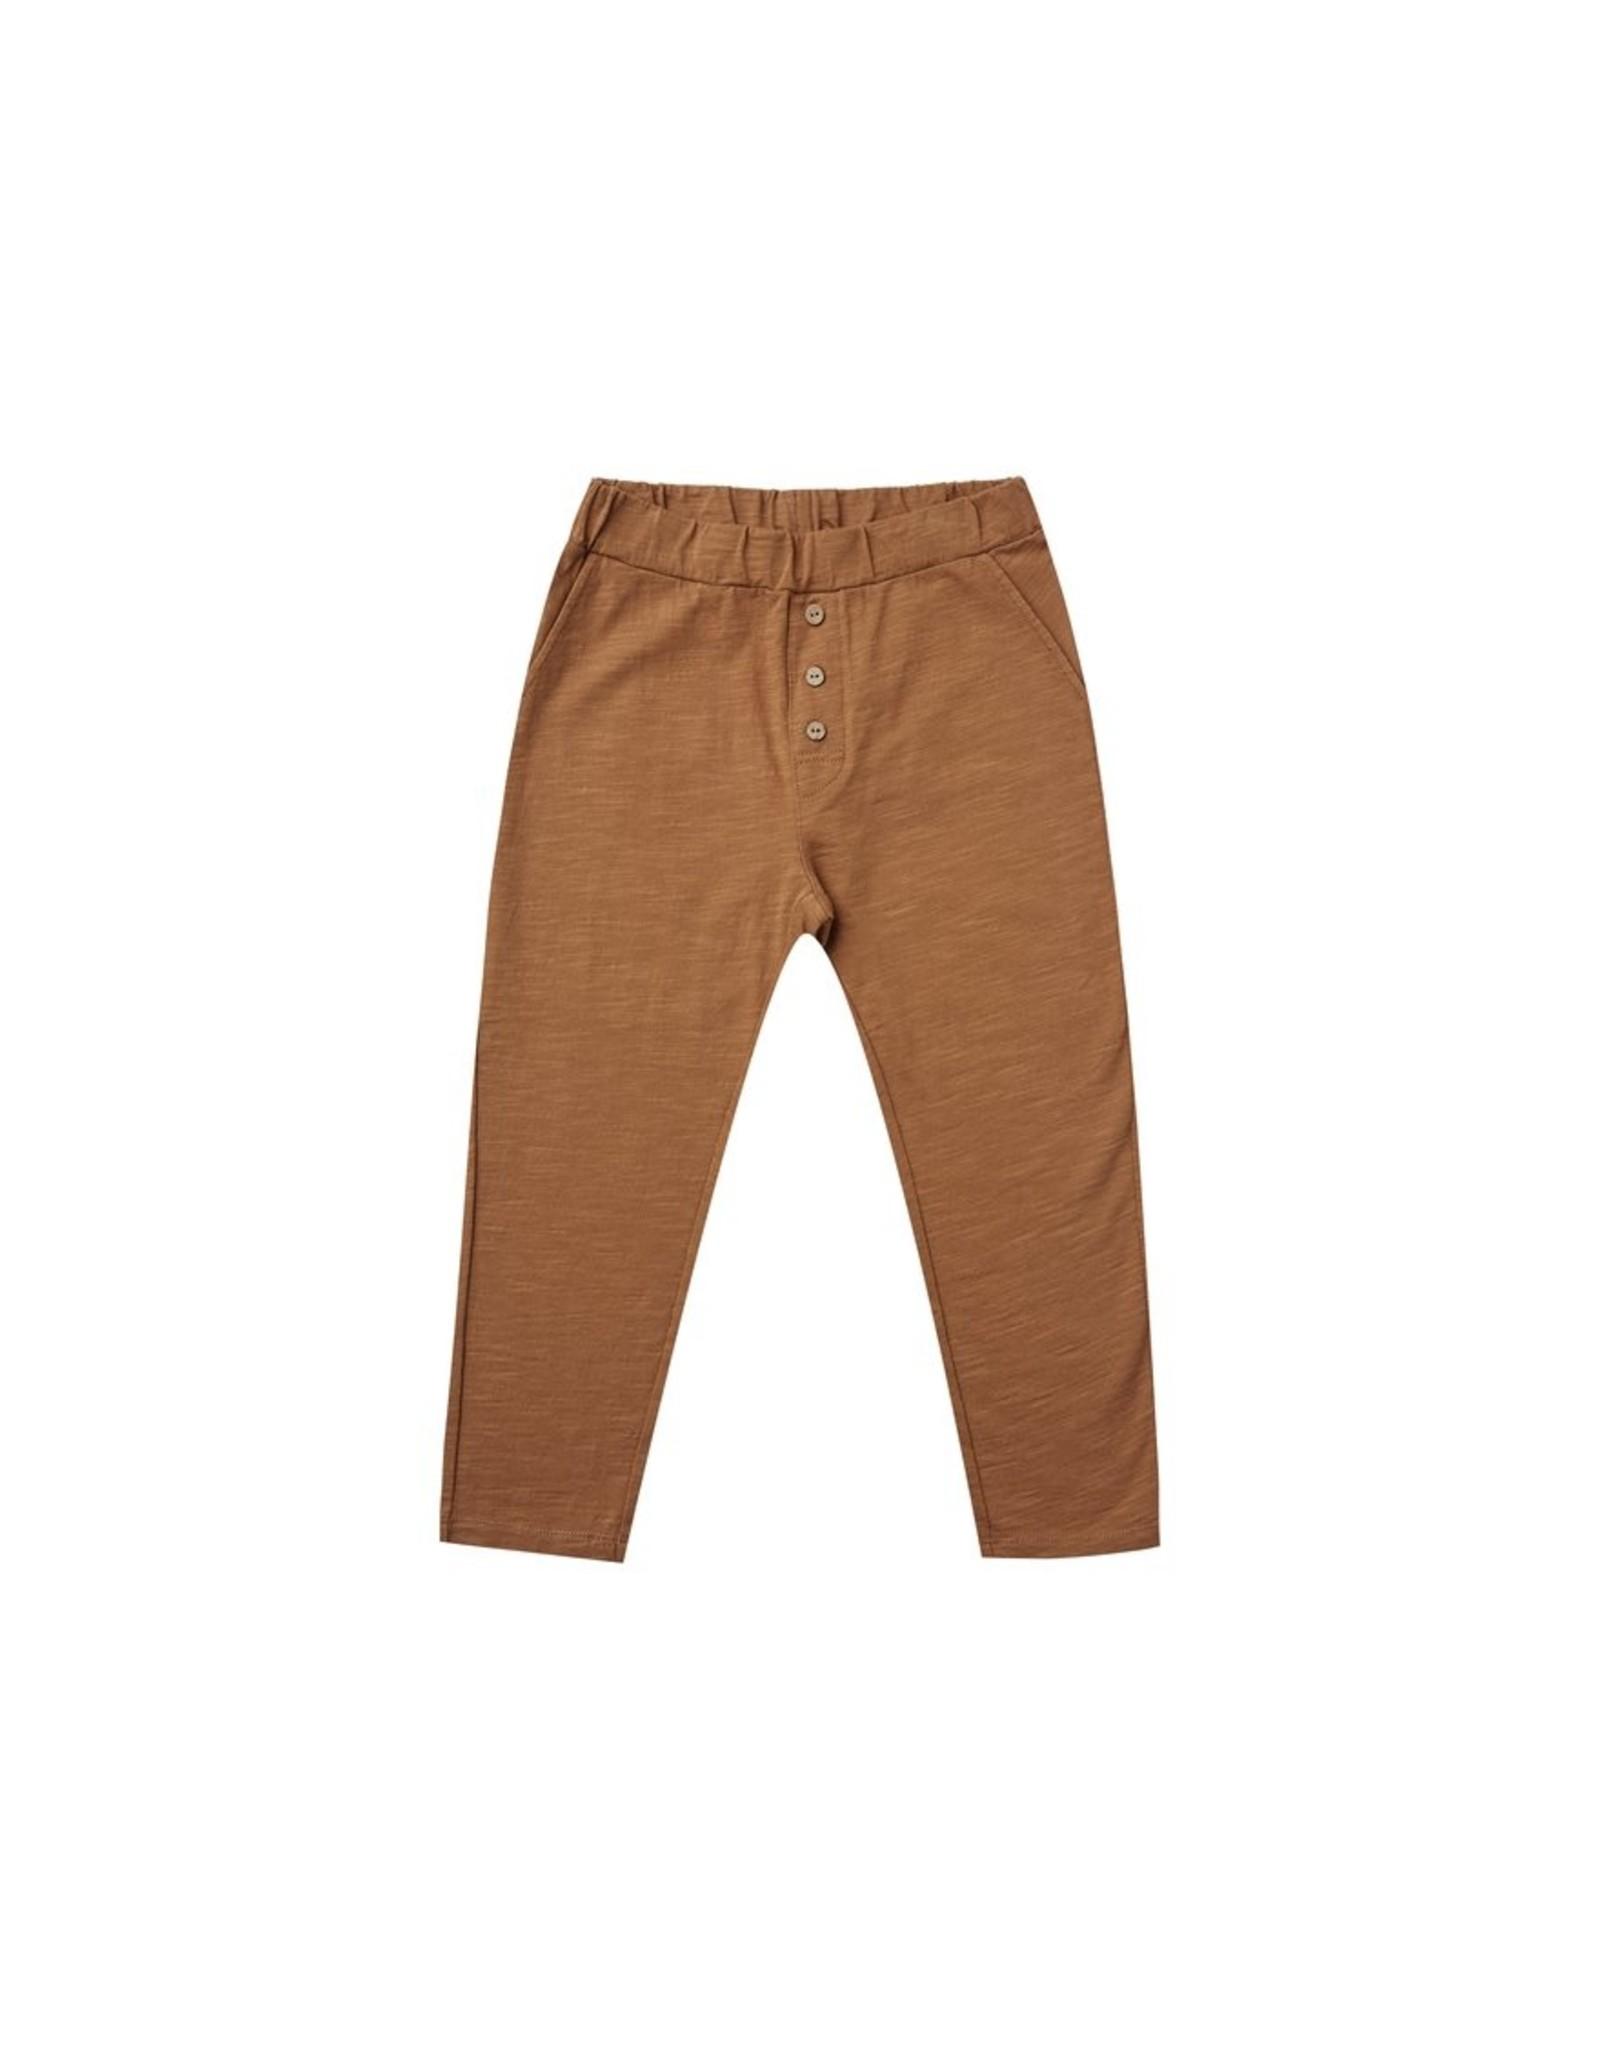 Rylee & Cru Rylee & Cru Cru Pants Rust